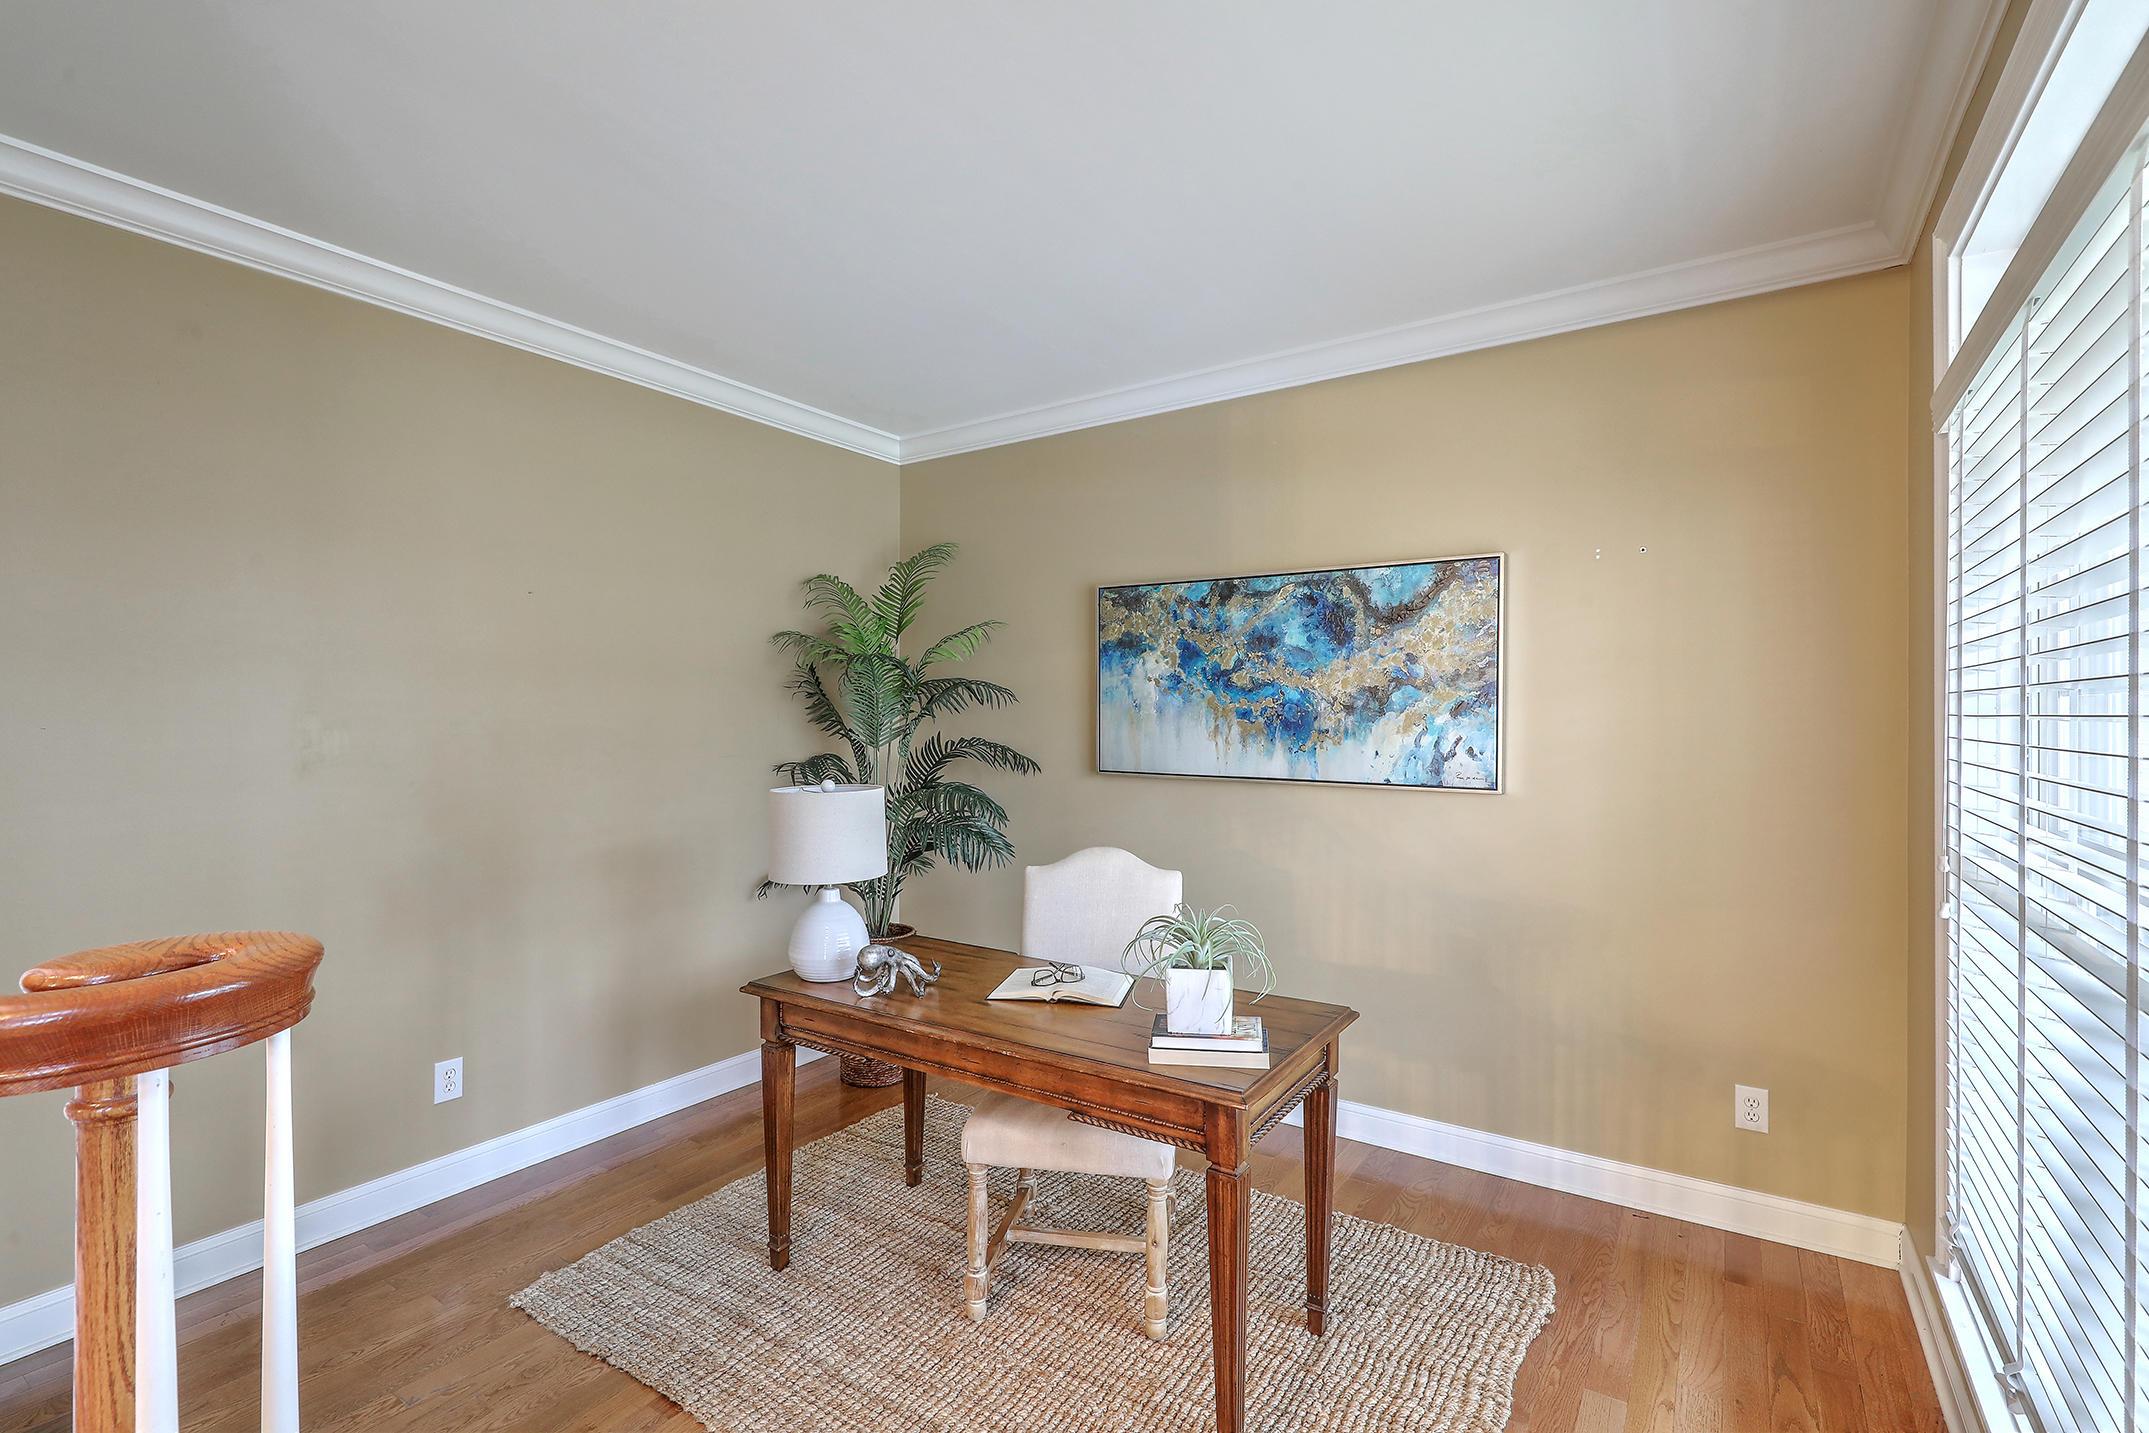 Dunes West Homes For Sale - 2817 Oak Manor, Mount Pleasant, SC - 2